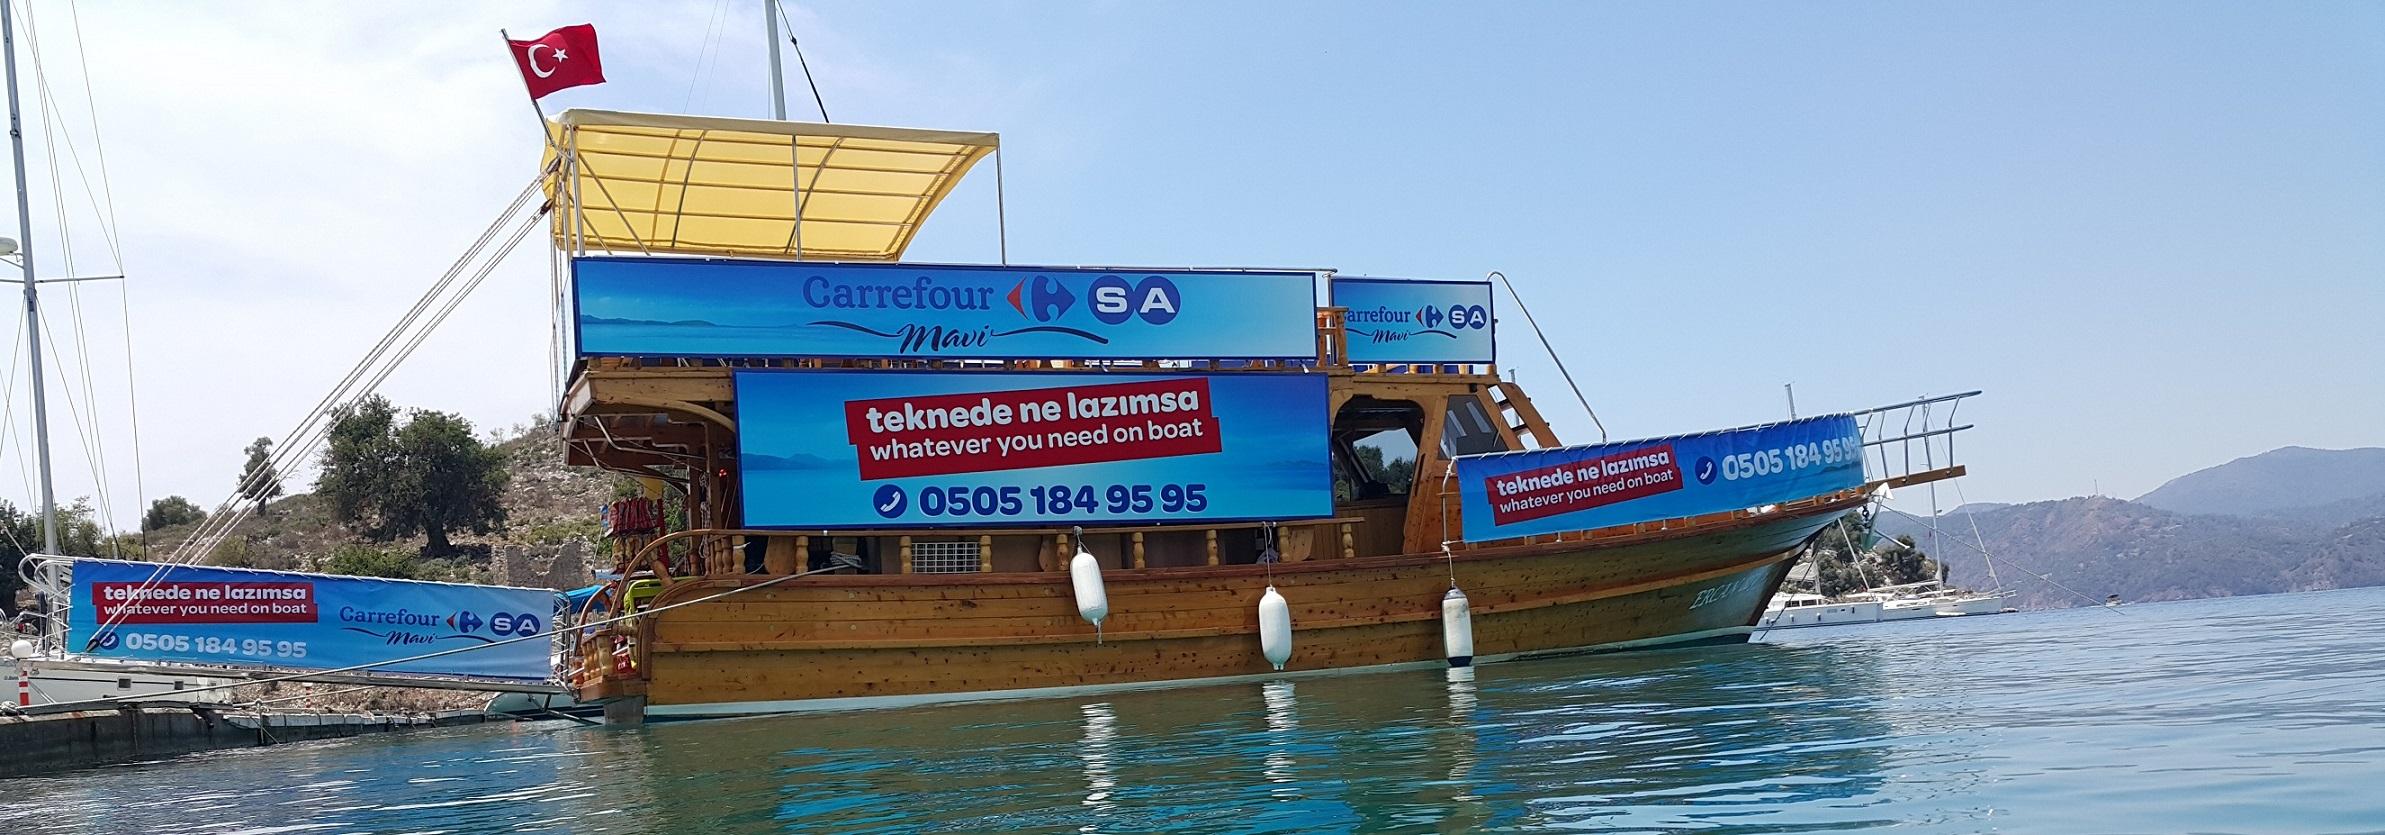 carrefoursa-marketi-denizin-ortasina-tasidi